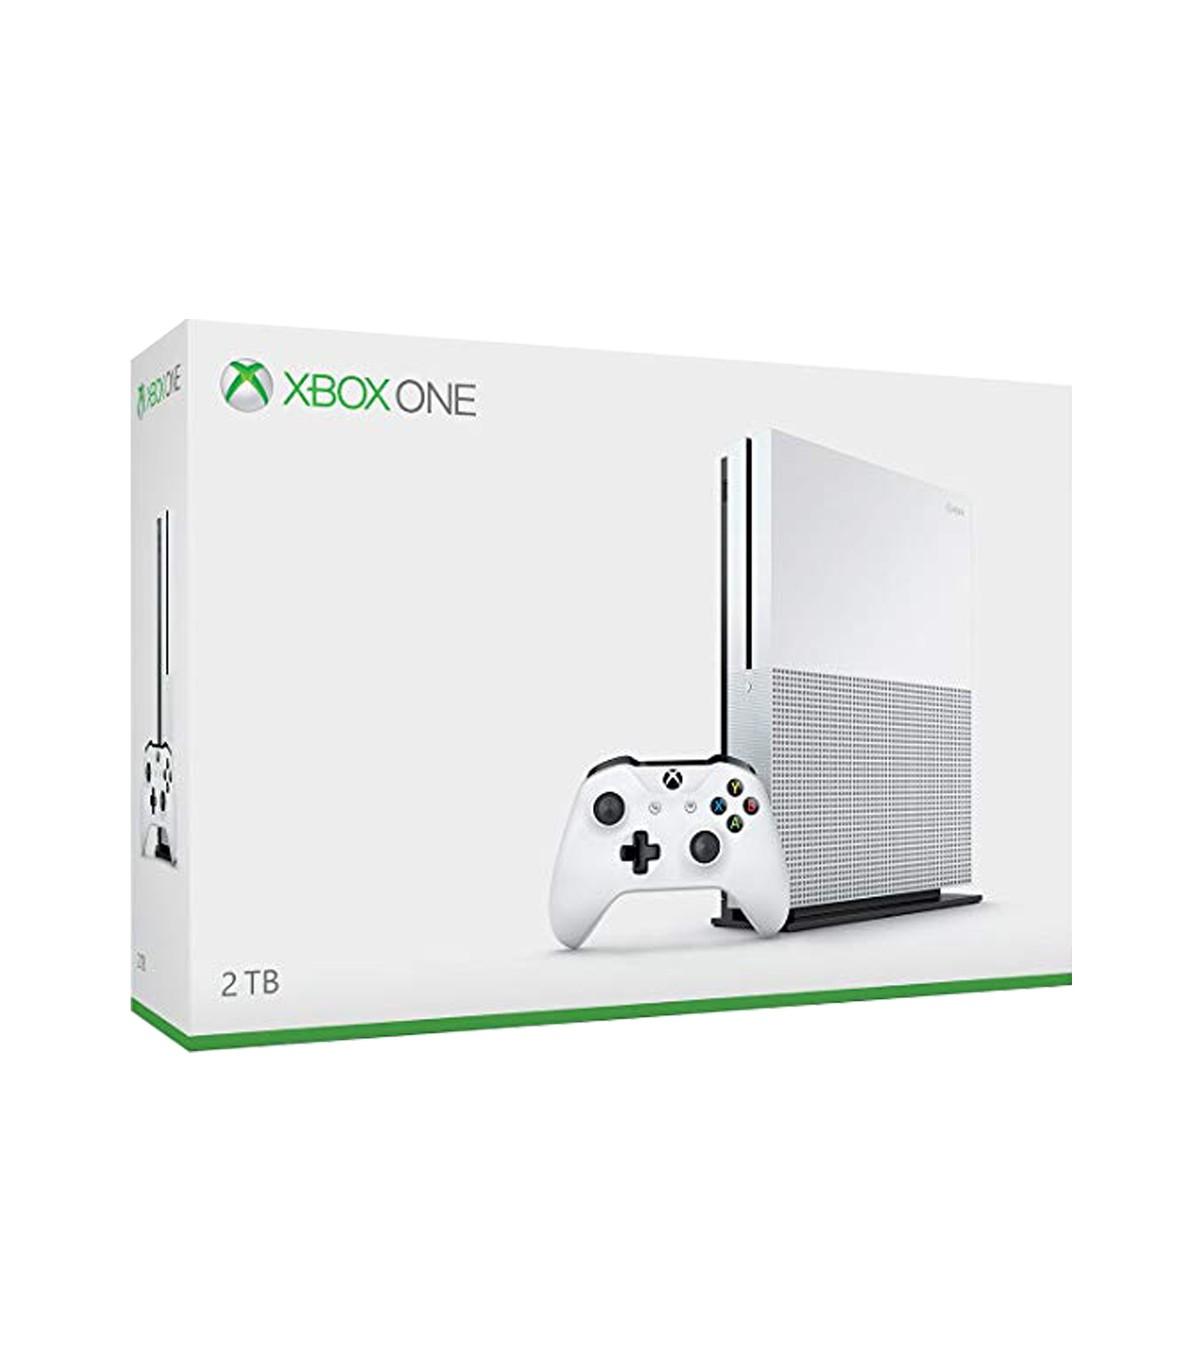 کنسول بازی Microsoft Xbox One S ظرفیت 2TB